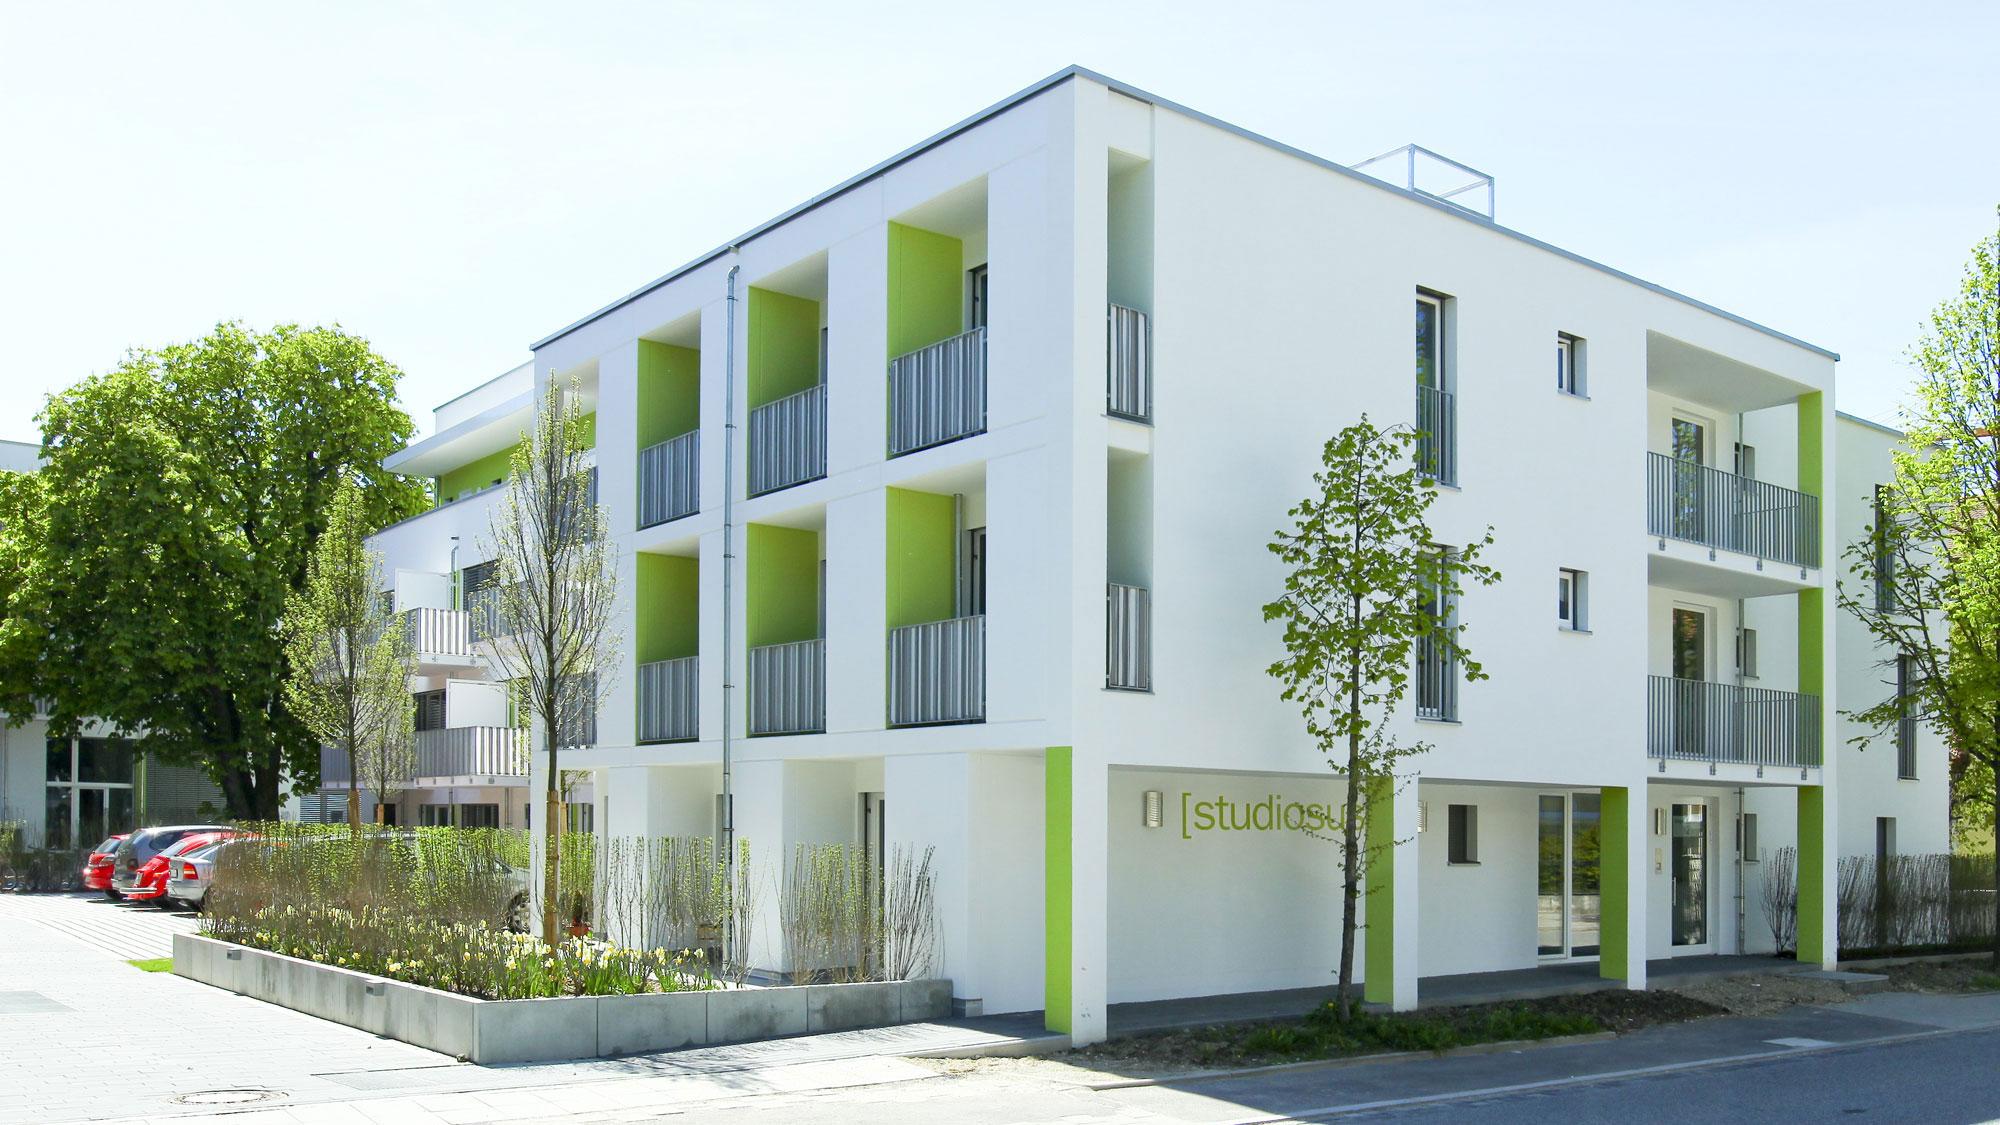 Neubauprojekt studiosus 2 - Außenansicht der Wohnanlage mit modernen Studentenwohnungen am fürstlichen Schlosspark in Regensburg